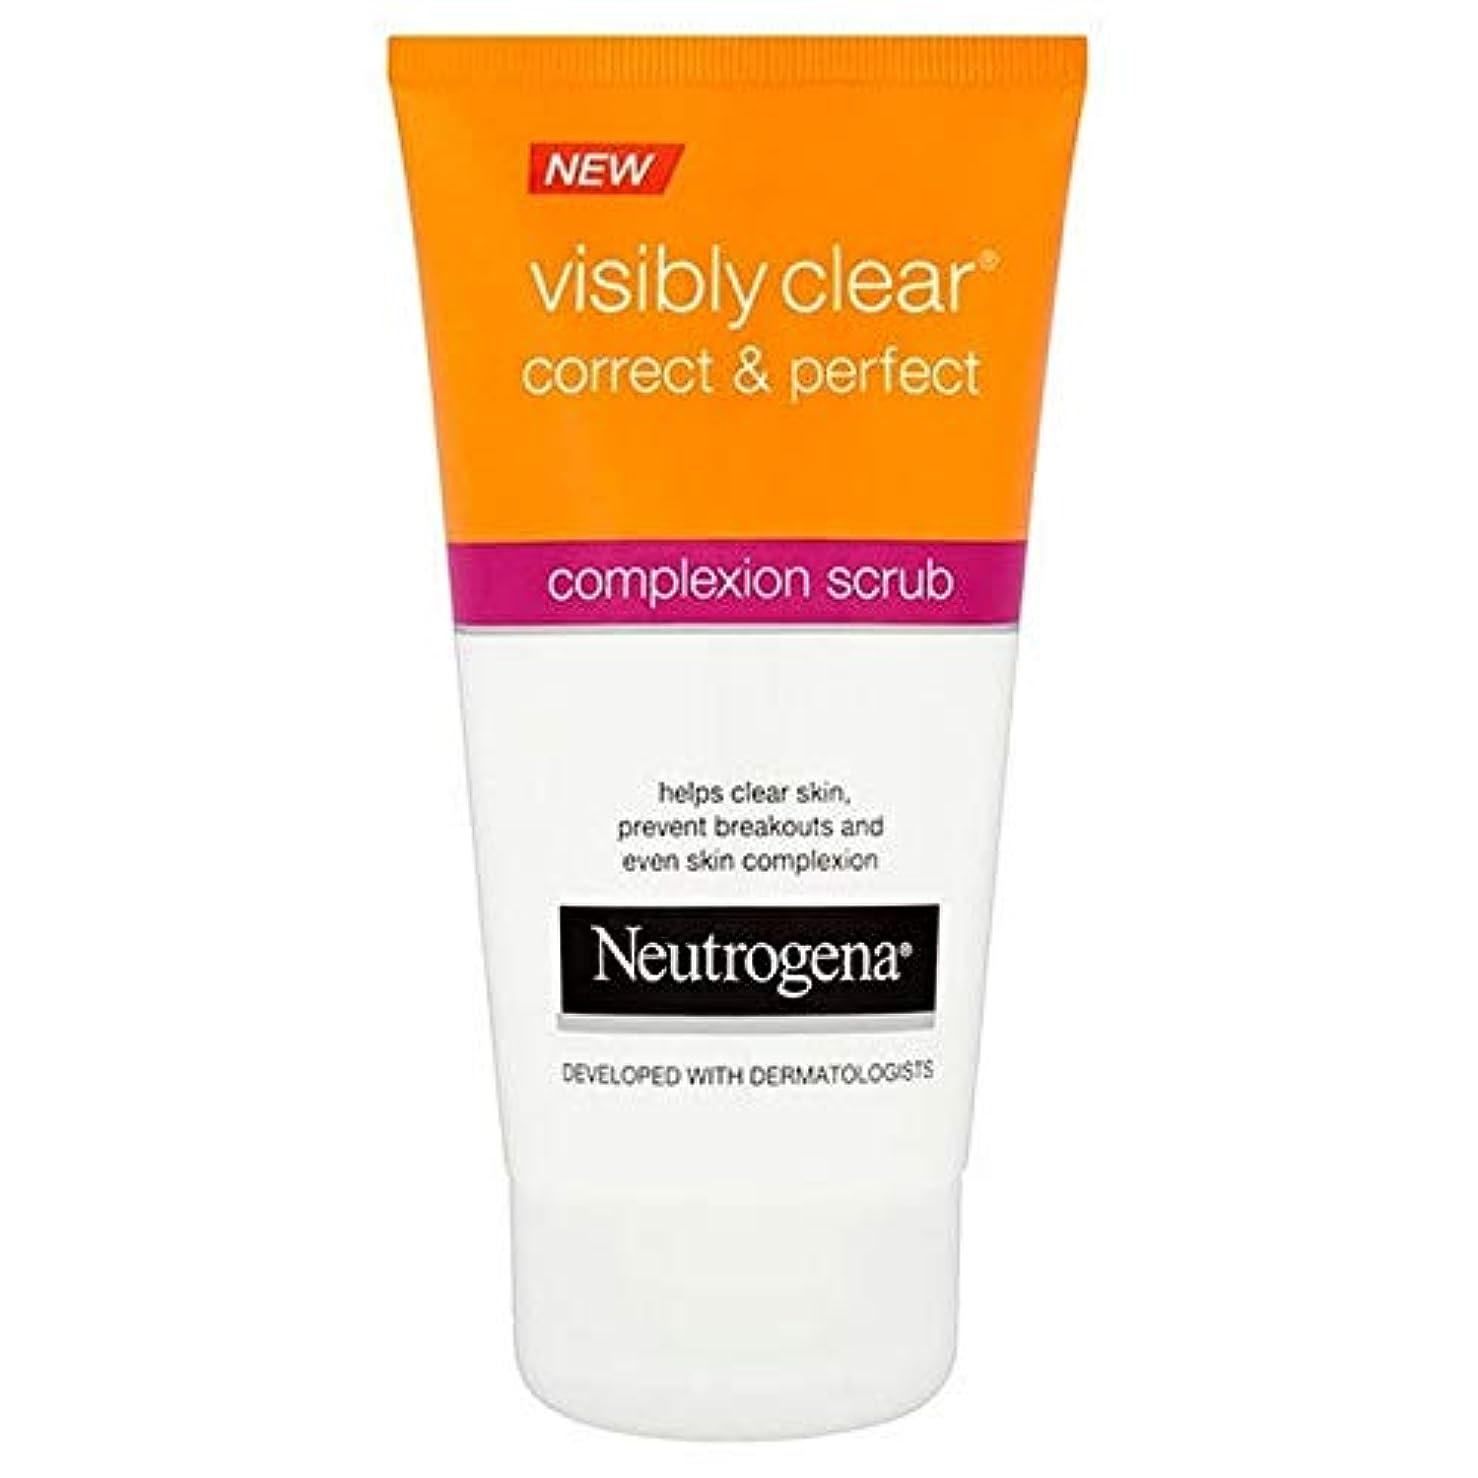 ヶ月目必須グレートオーク[Neutrogena] ニュートロジーナ目に見えて明らかに正しいと完璧な顔色スクラブ - Neutrogena Visibly Clear Correct & Perfect Complexion Scrub [並行輸入品]